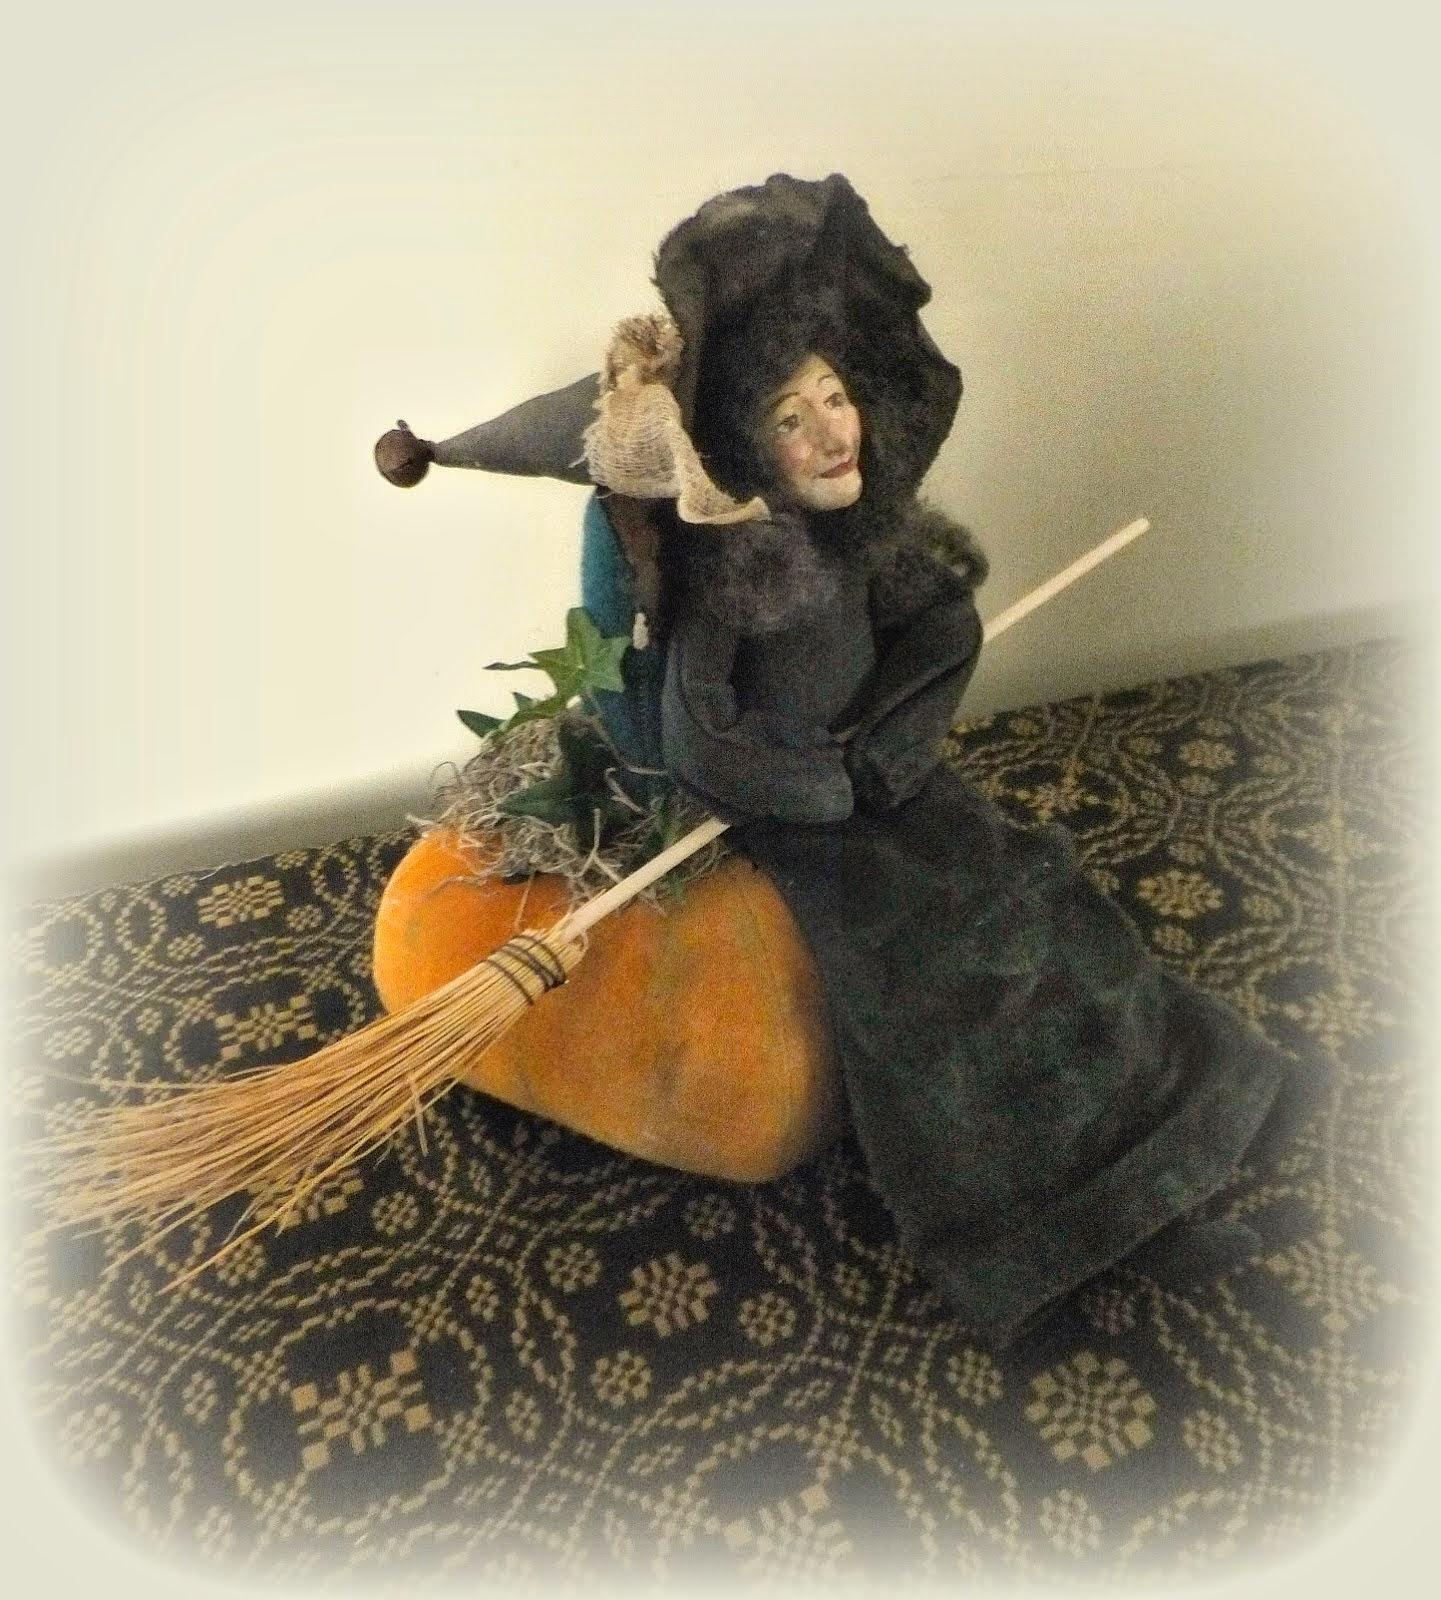 Glynda the Good Witch